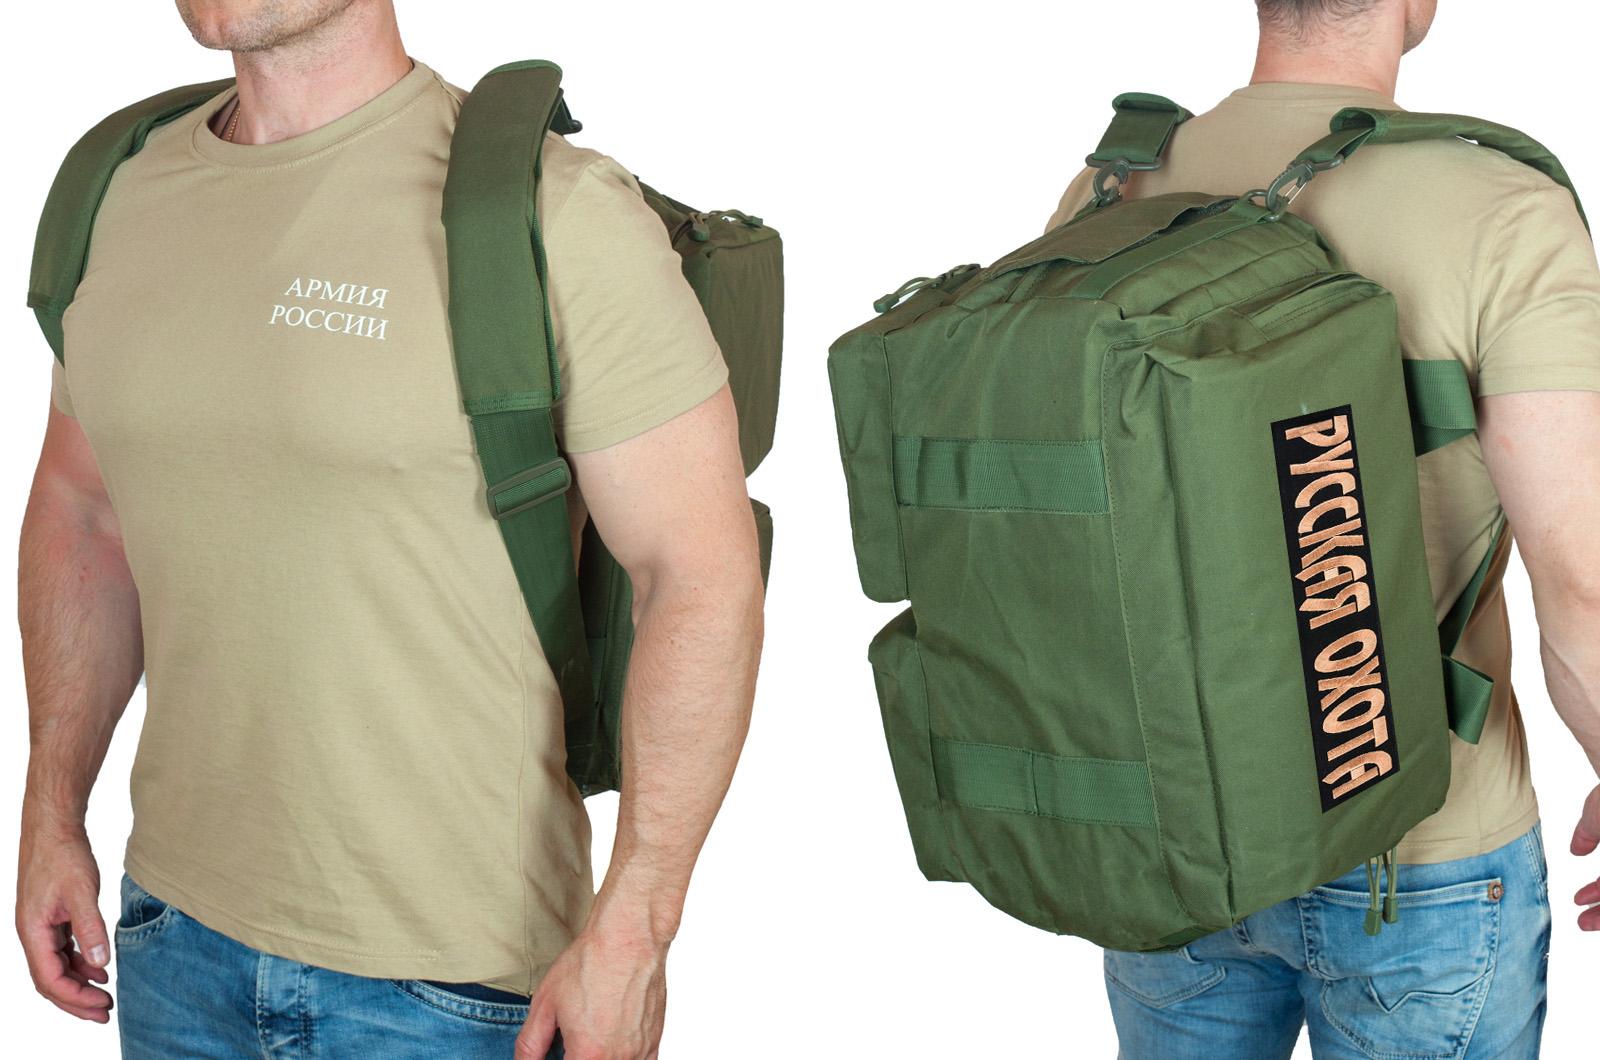 Тактическая заплечная сумка-рюкзак Русская Охота - купить оптом